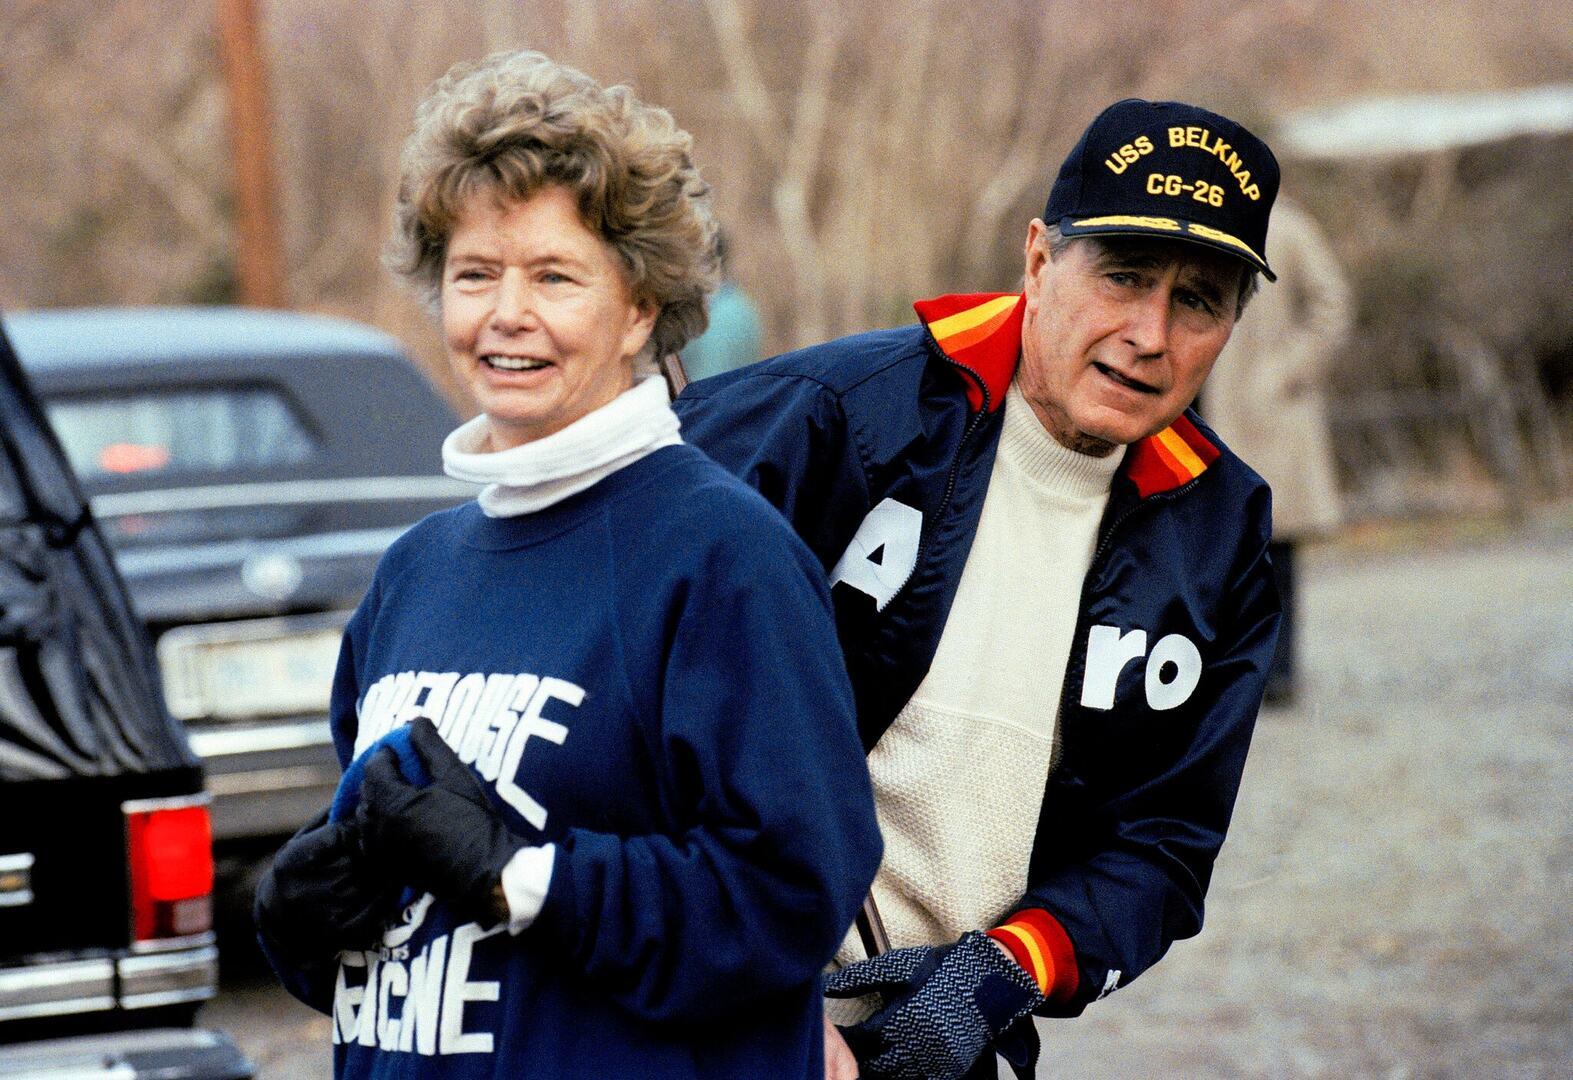 وفاة شقيقة جورج بوش الأب إثر مضاعفات كورونا